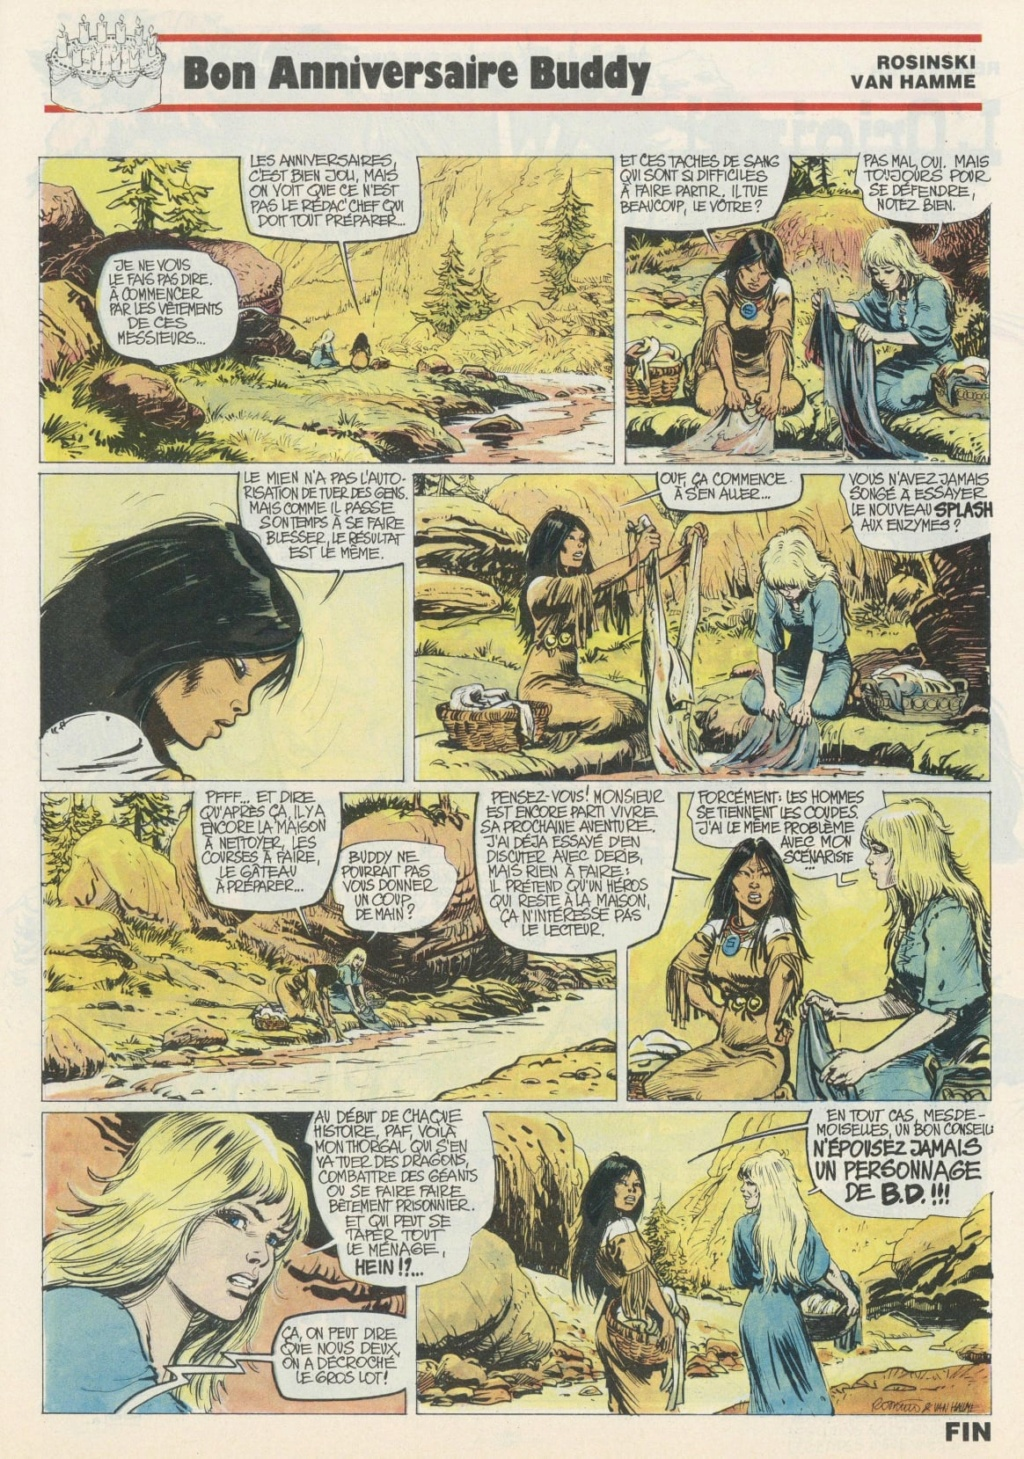 La puissance créatrice de Rosinski - Page 3 Rie10